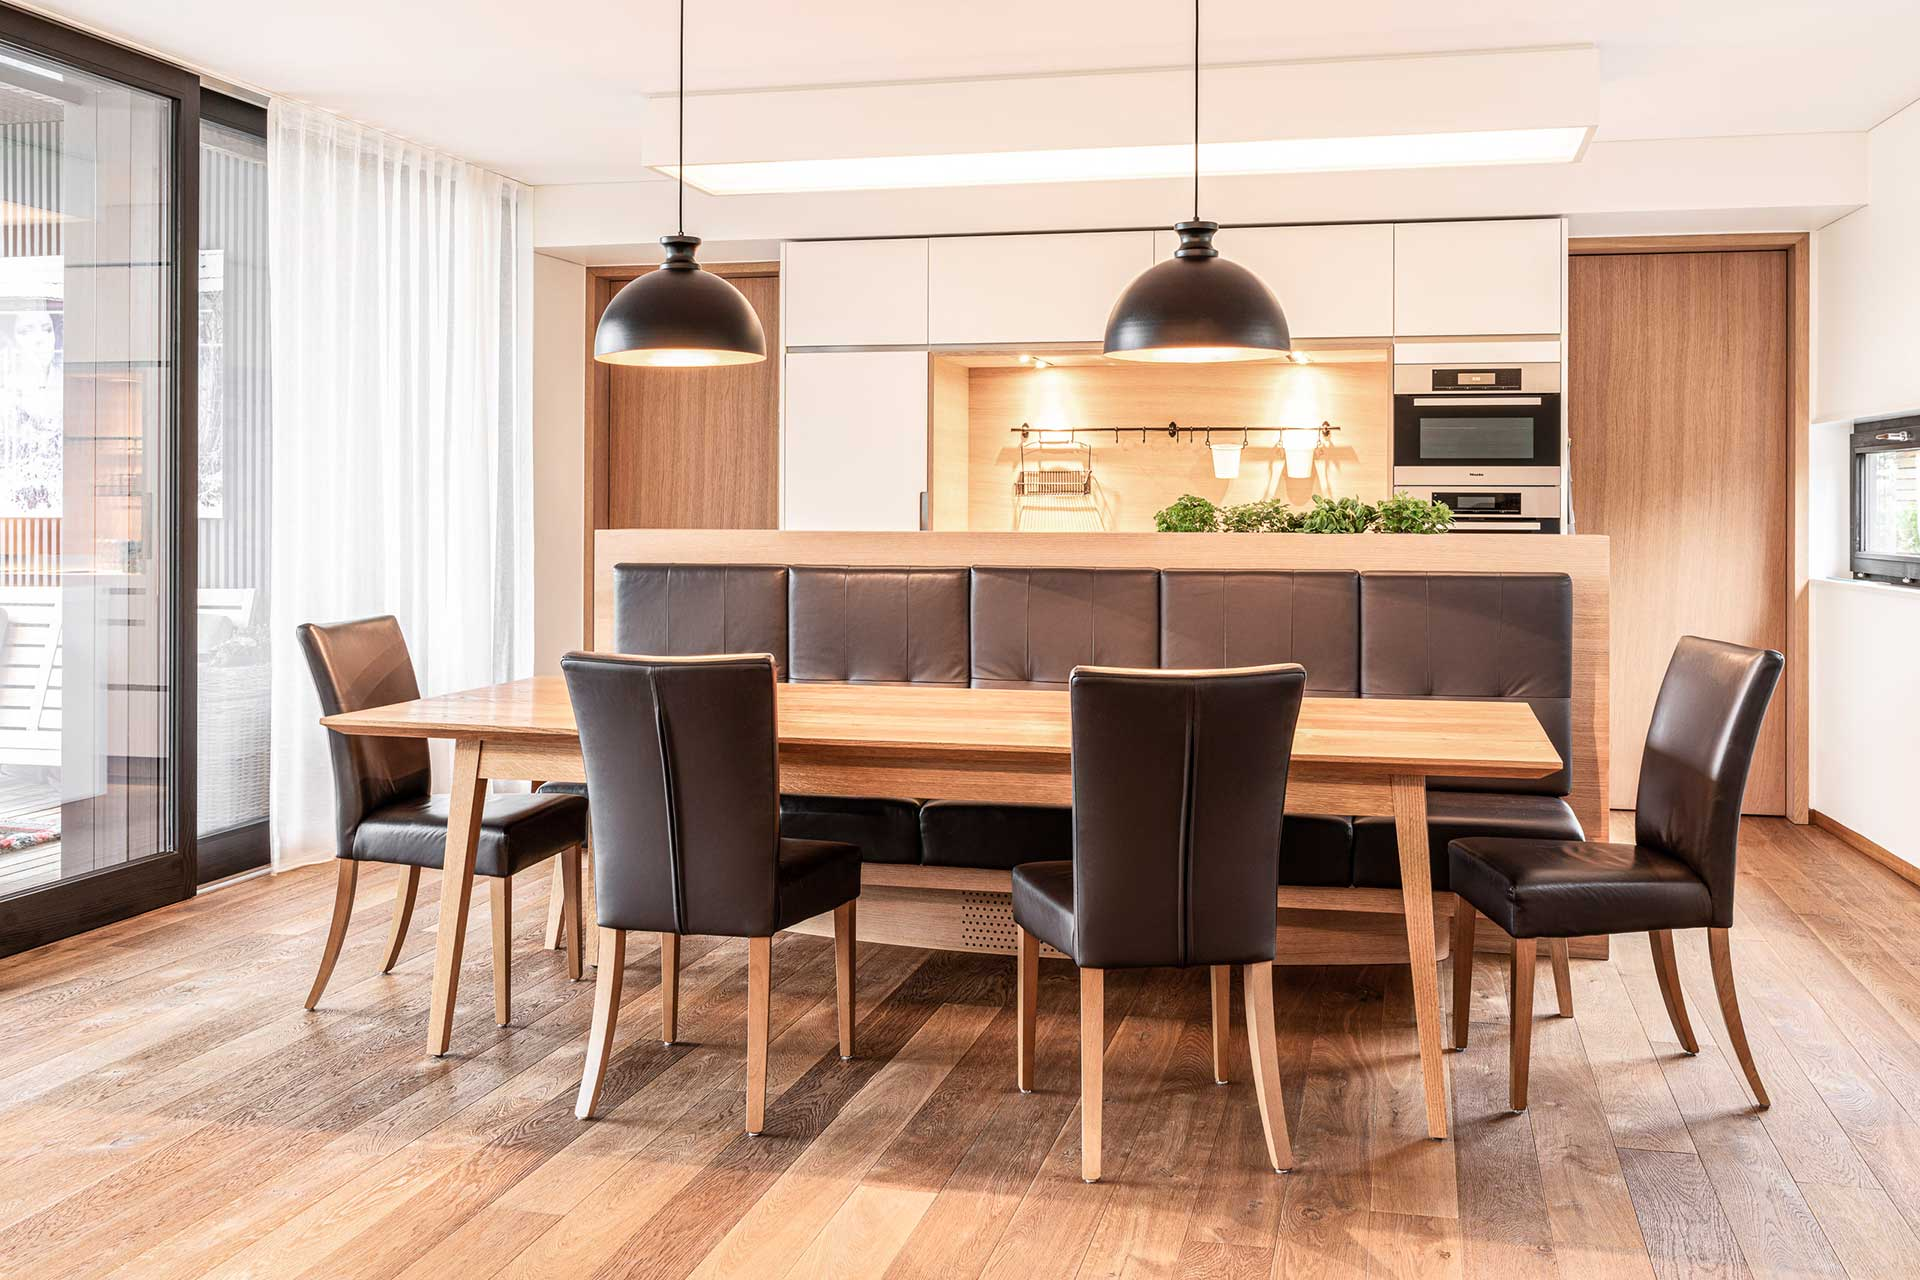 moderne Holzküche mit Lederstühlen maßgefertigt